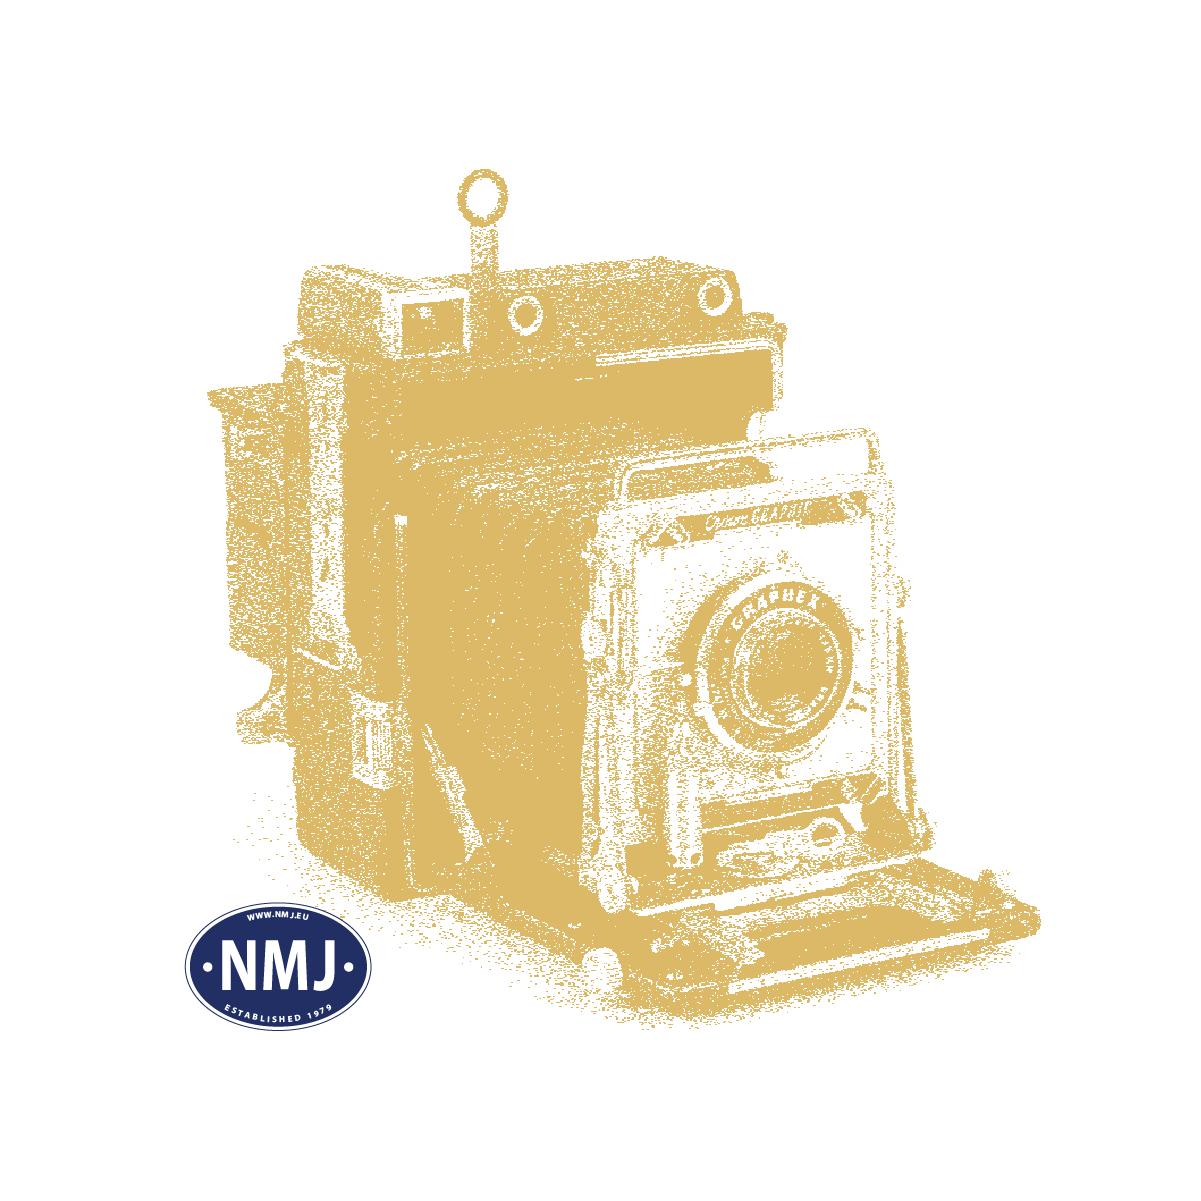 MBR50-3004 - Busker og kratt, 6 cm, Lys gul